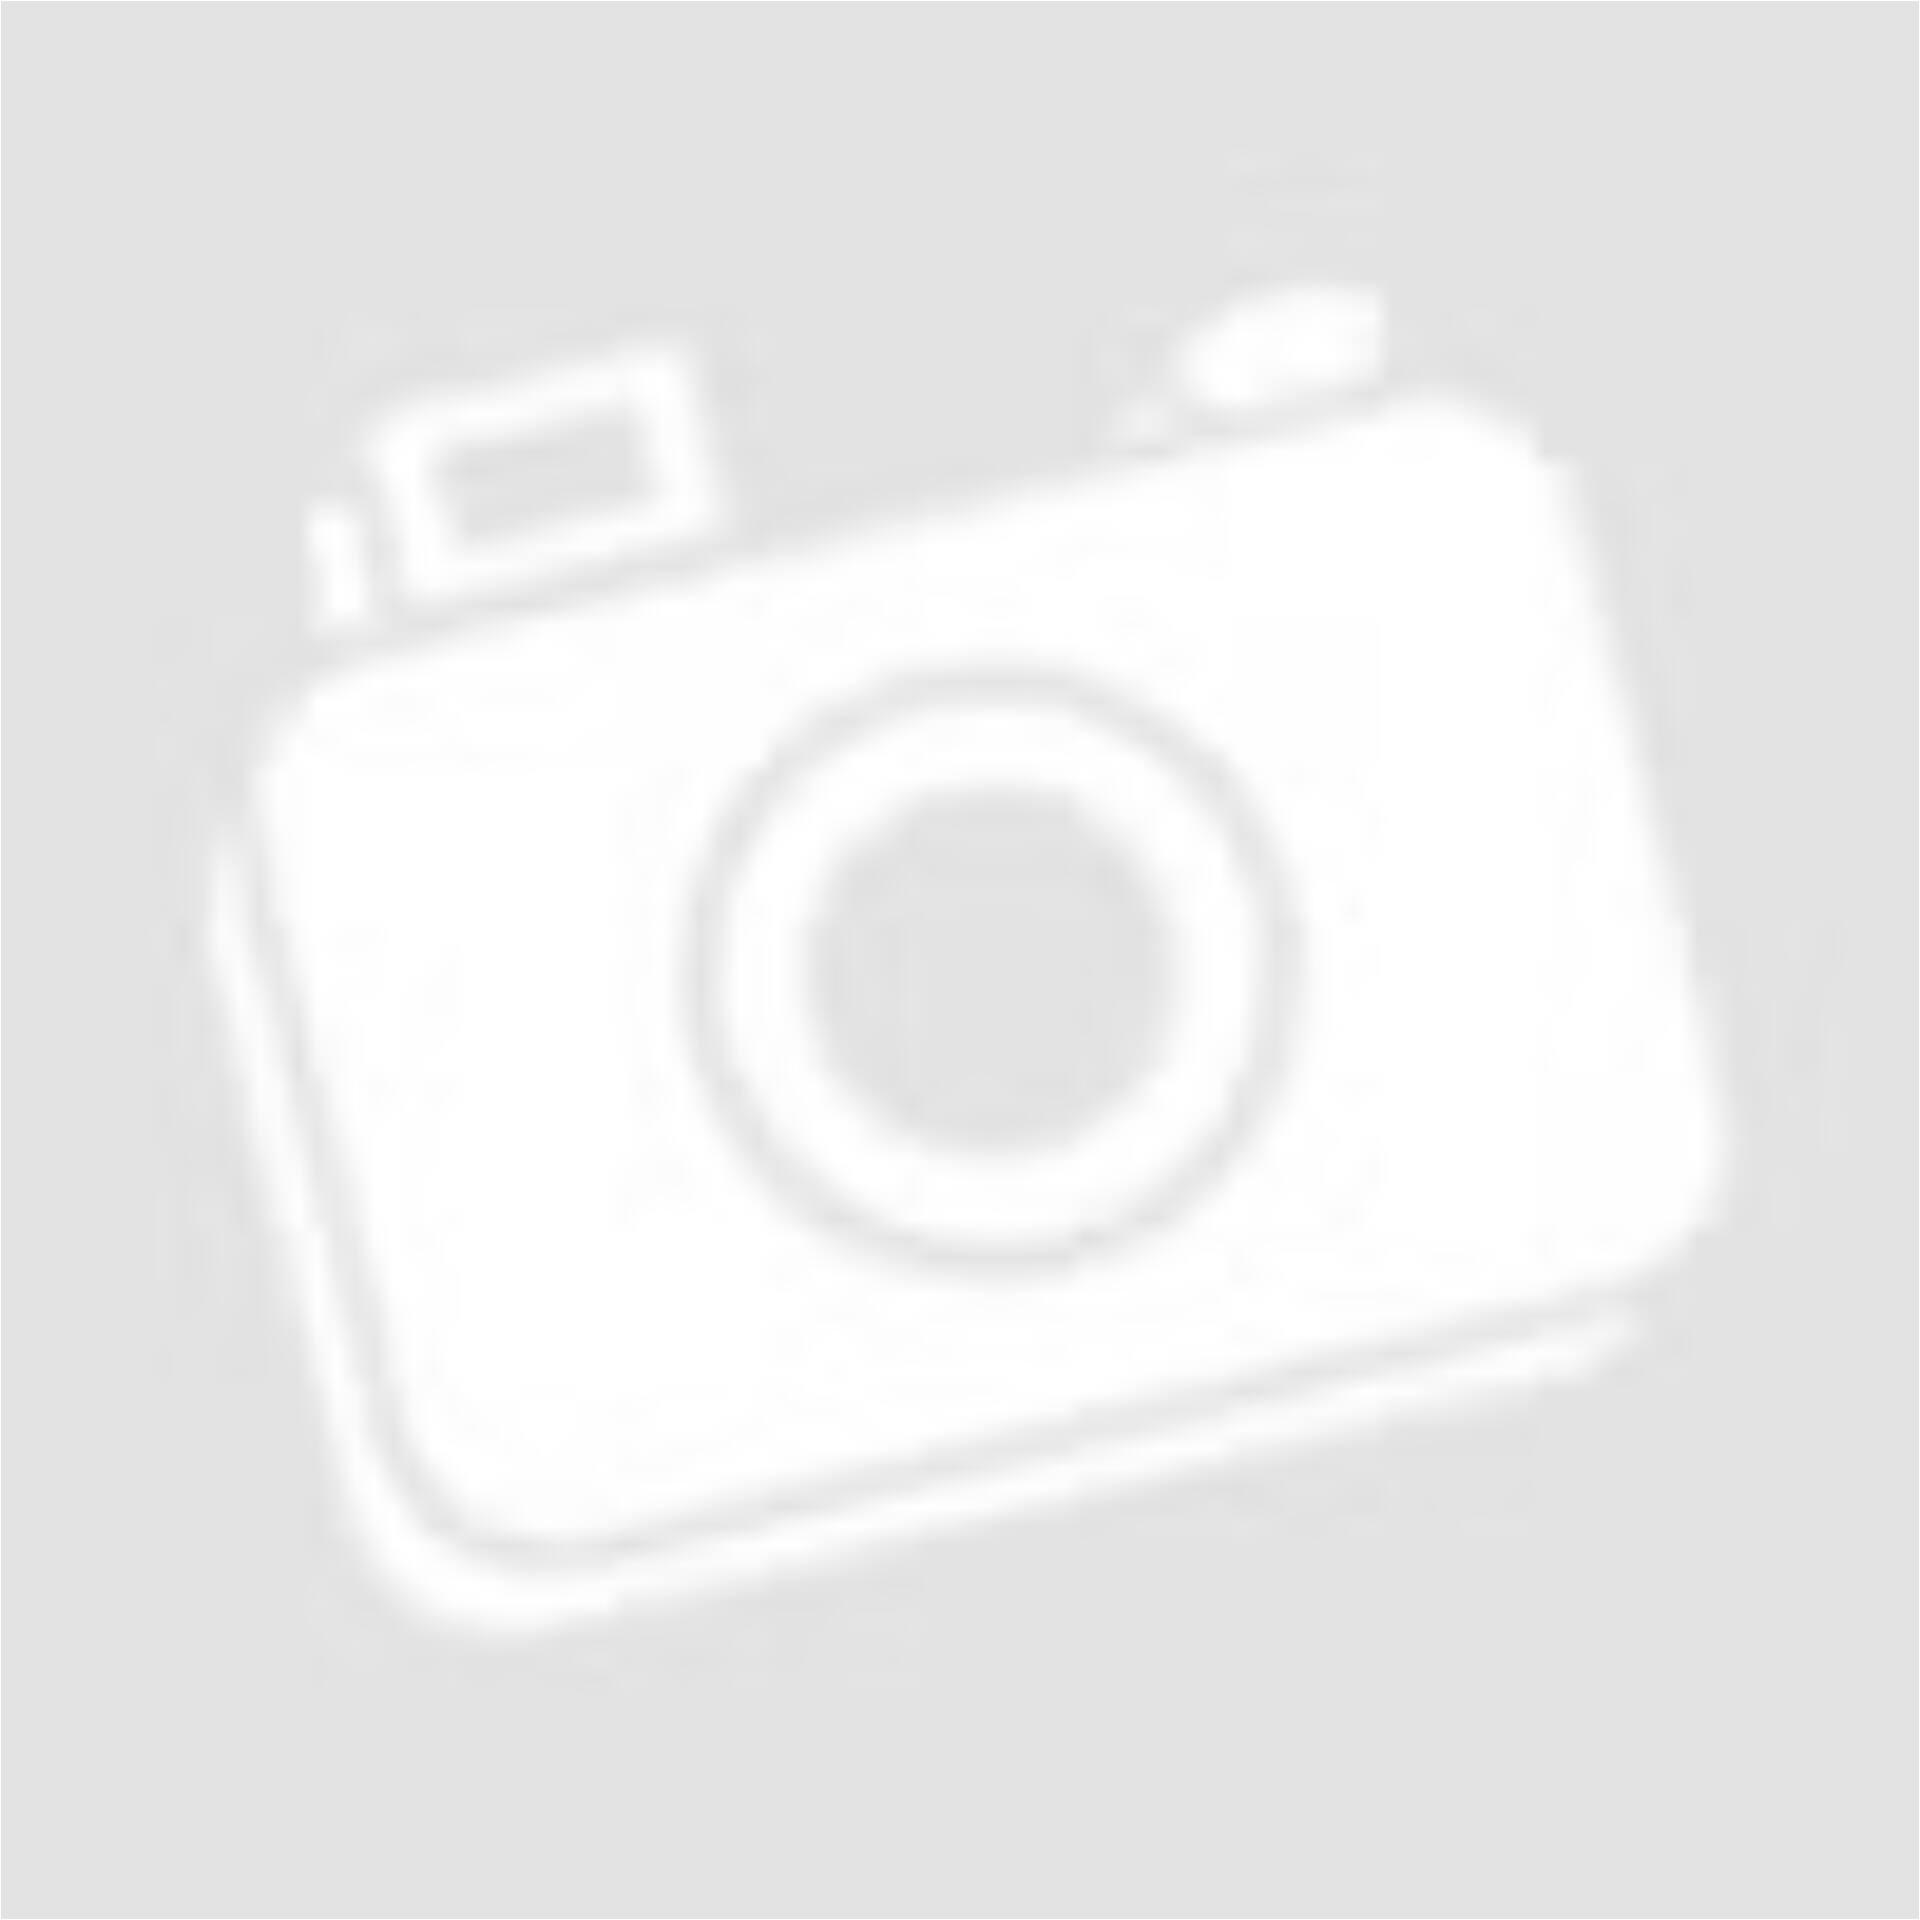 Kép 1 4 - Mustár színű Stonecast kabát (Méret  XXXL+) 1441feccf4